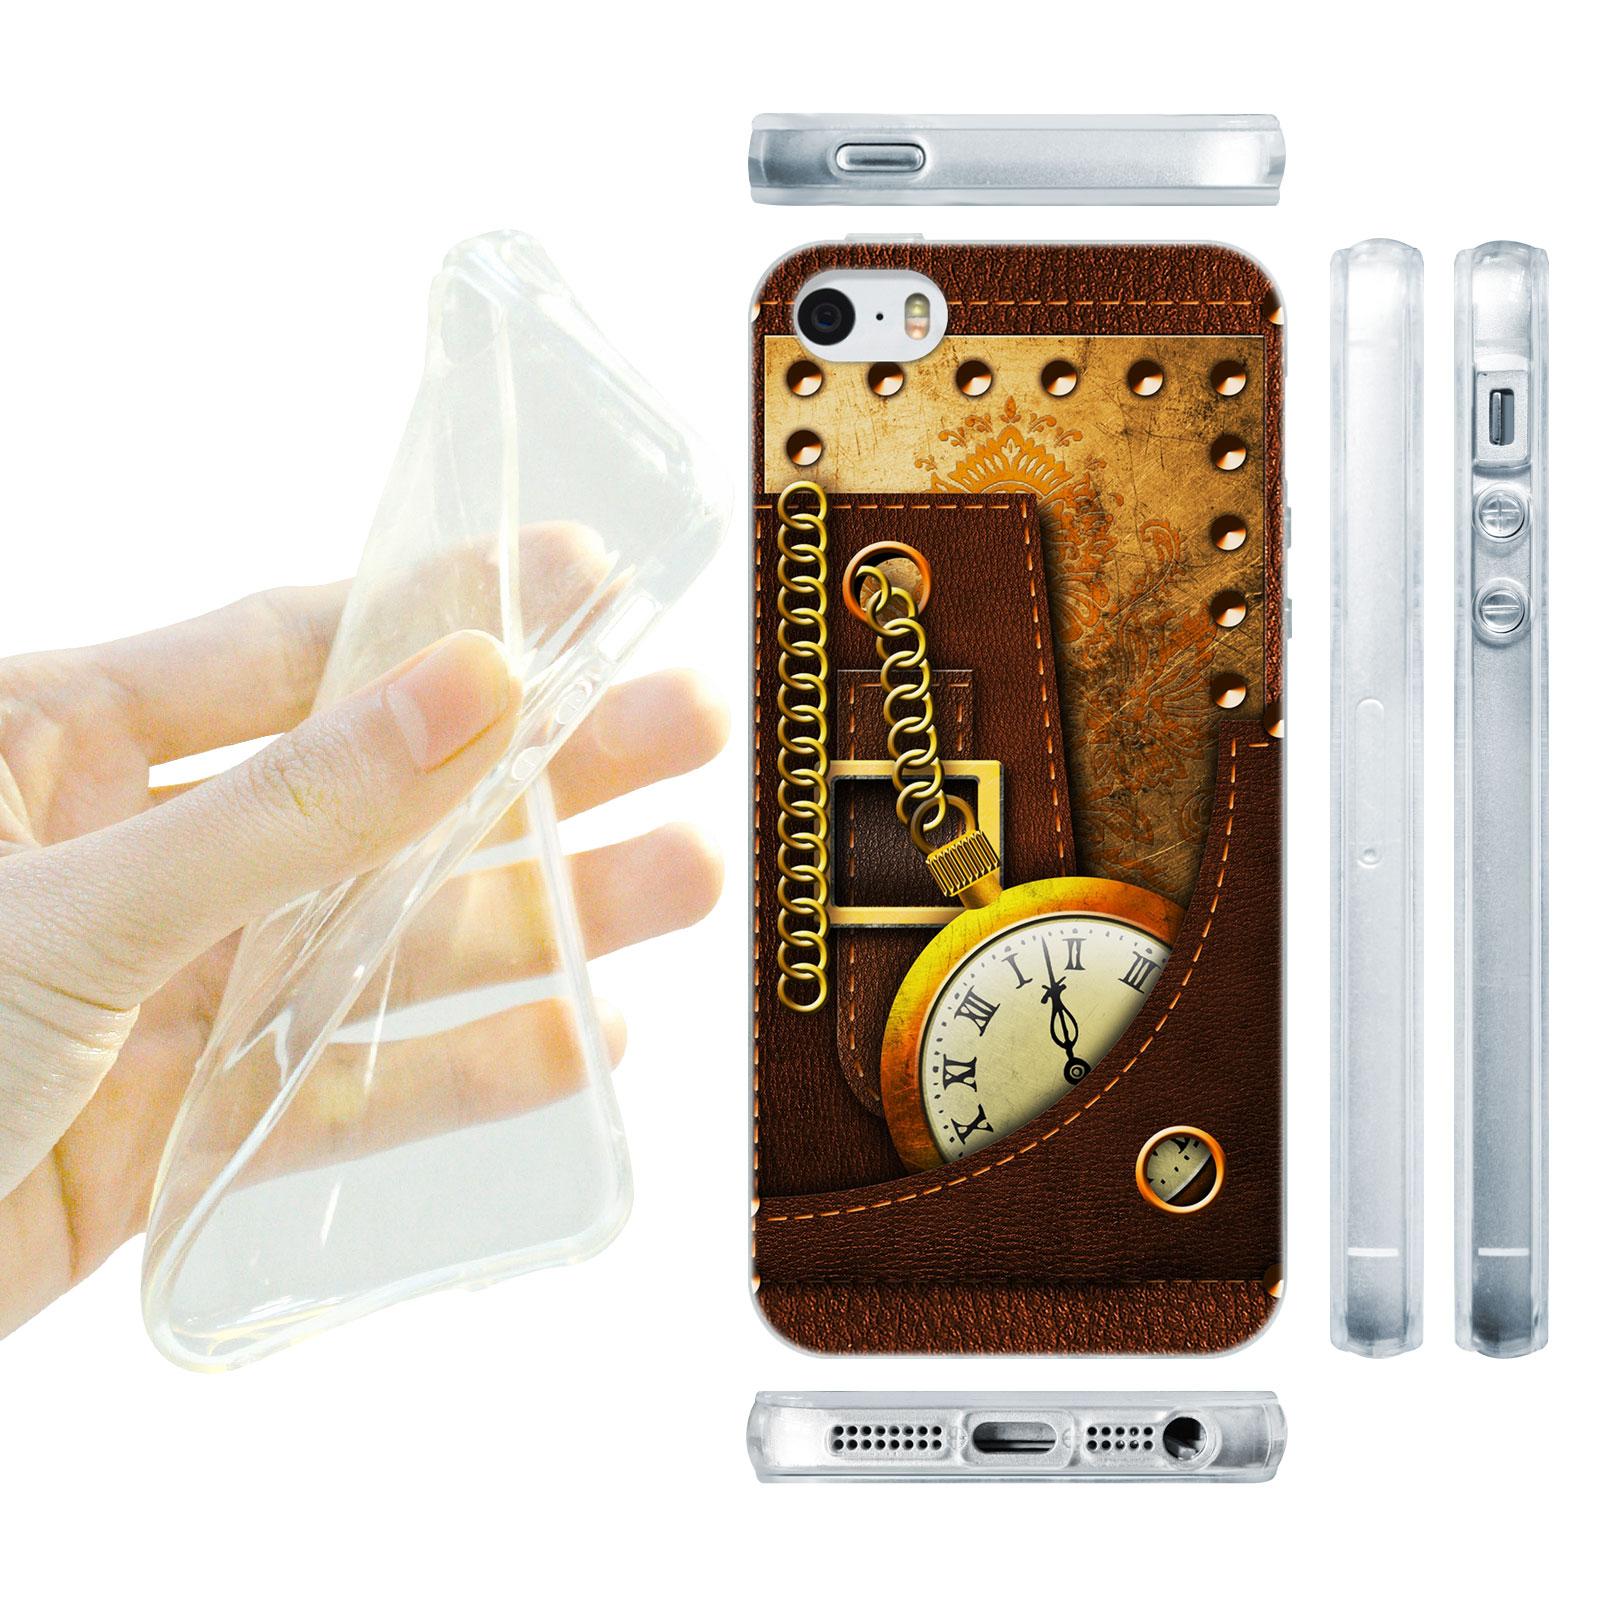 HEAD CASE silikonový obal na mobil Iphone 5/5S Vzor starodávné kapesní hodinky